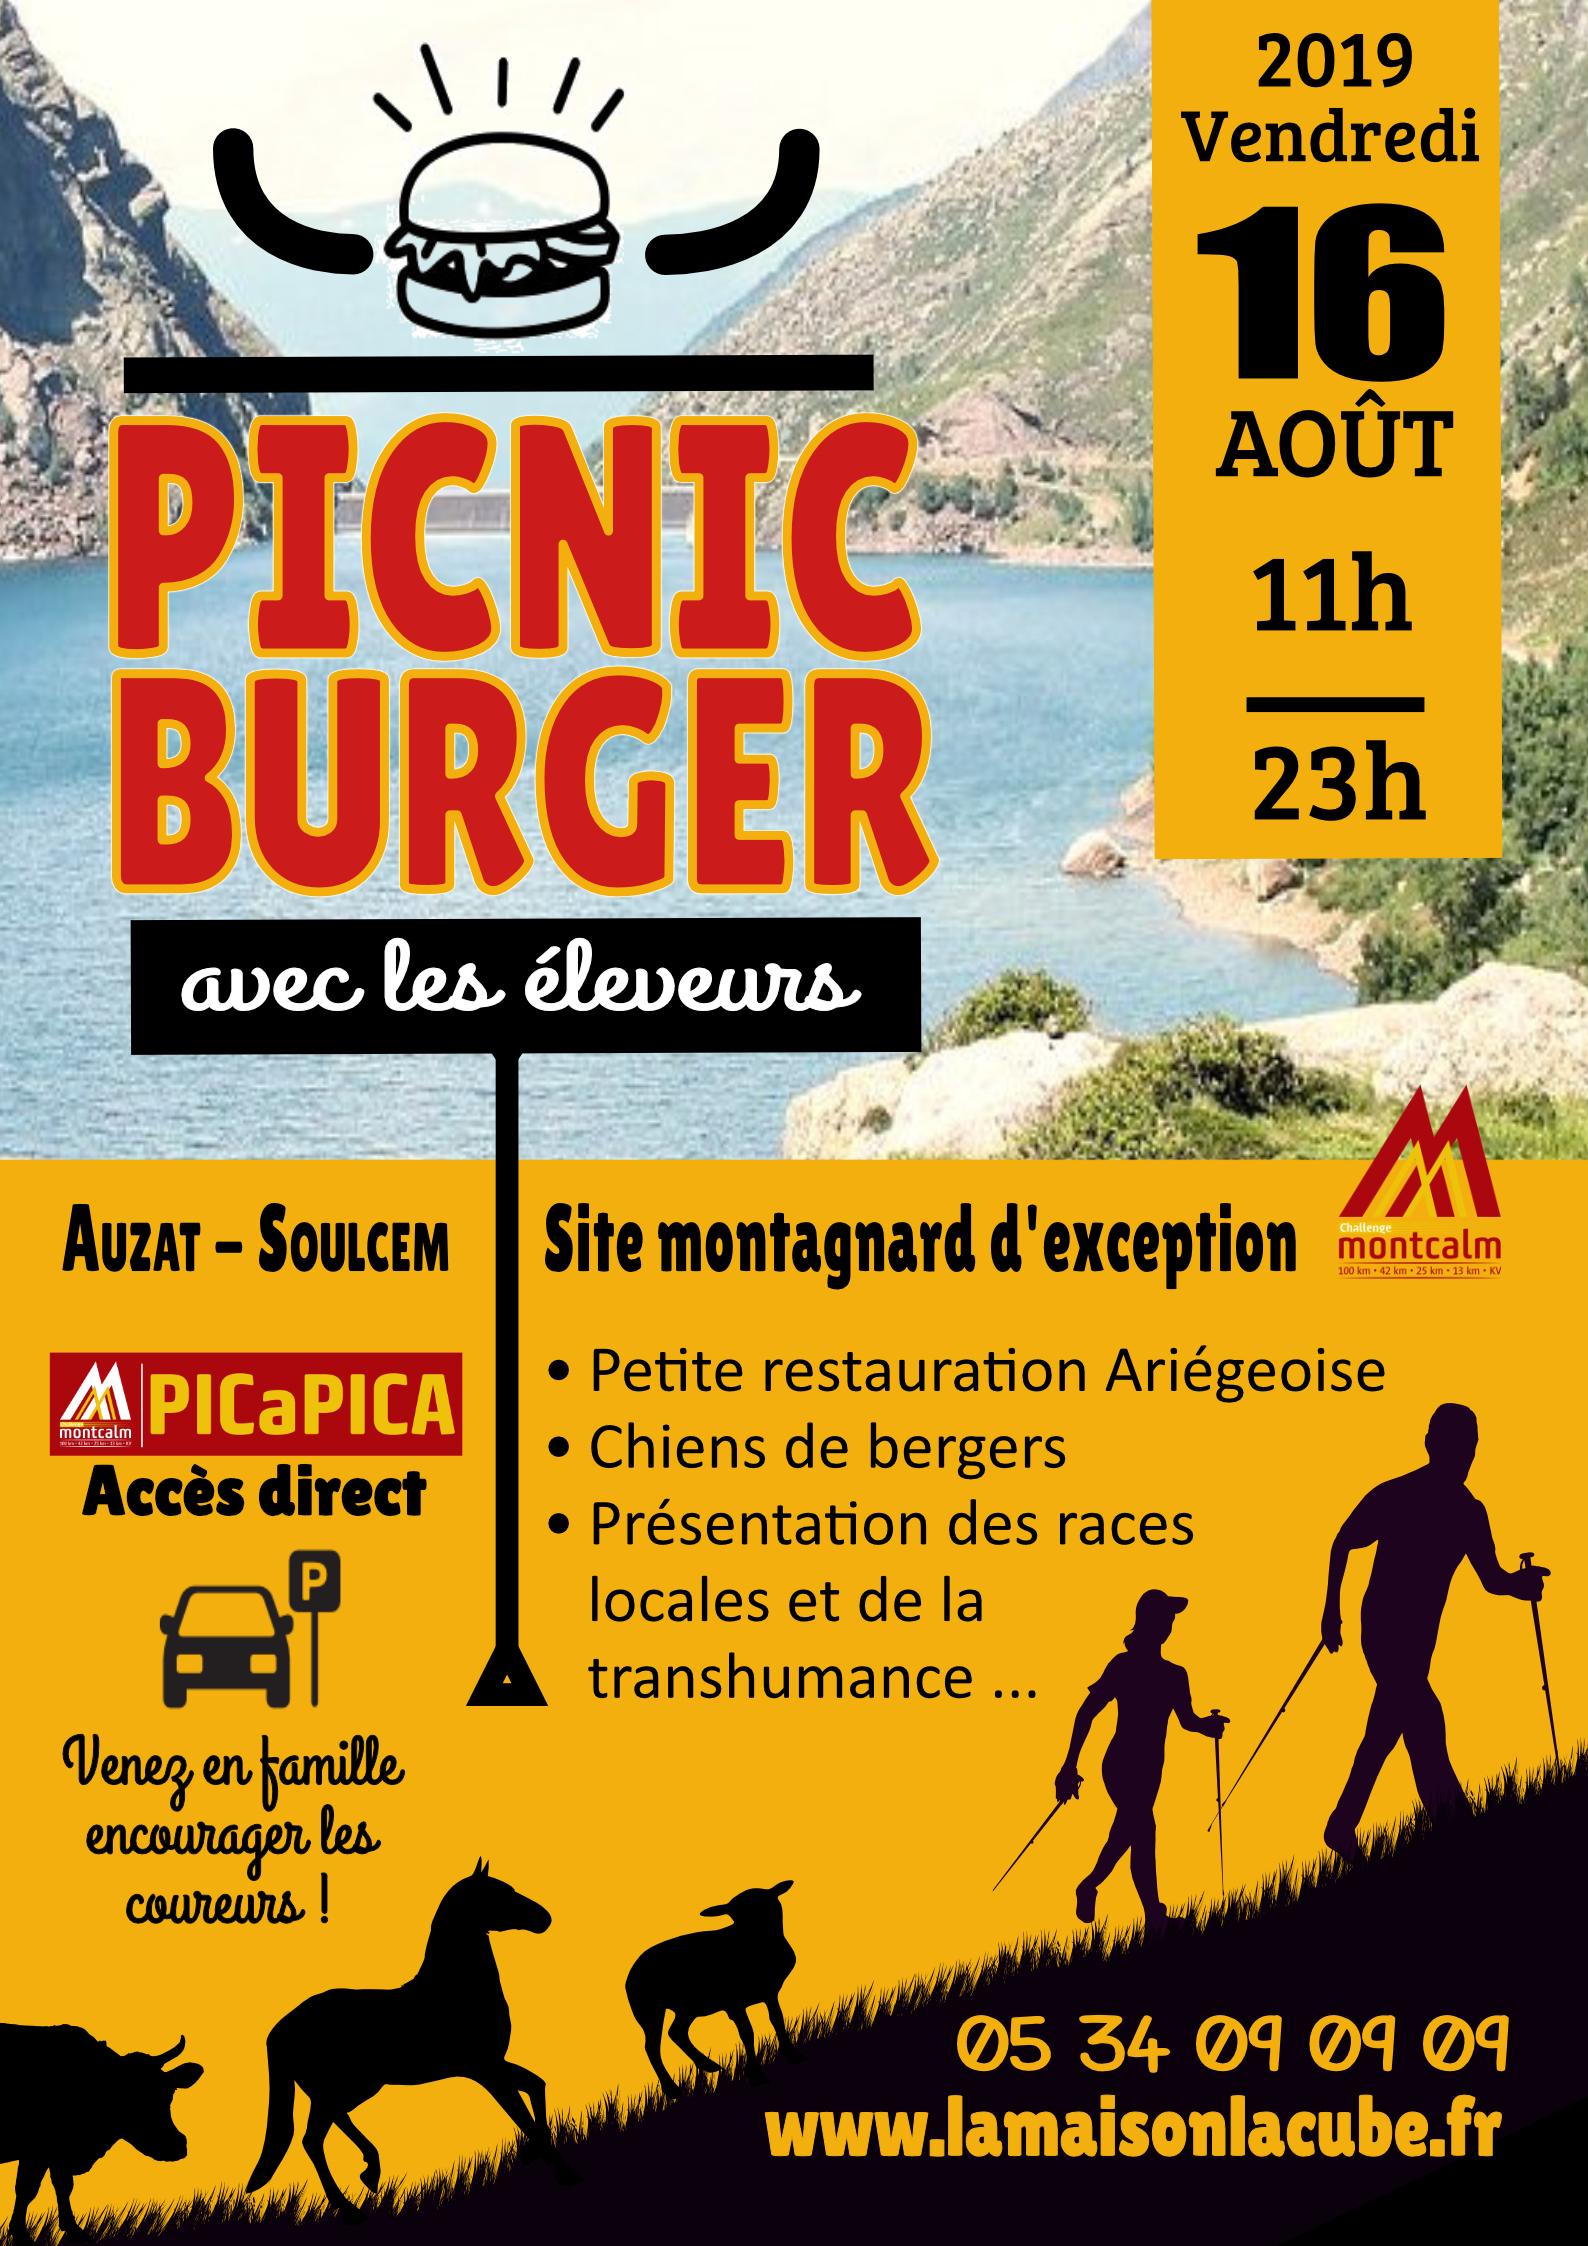 picnicburger